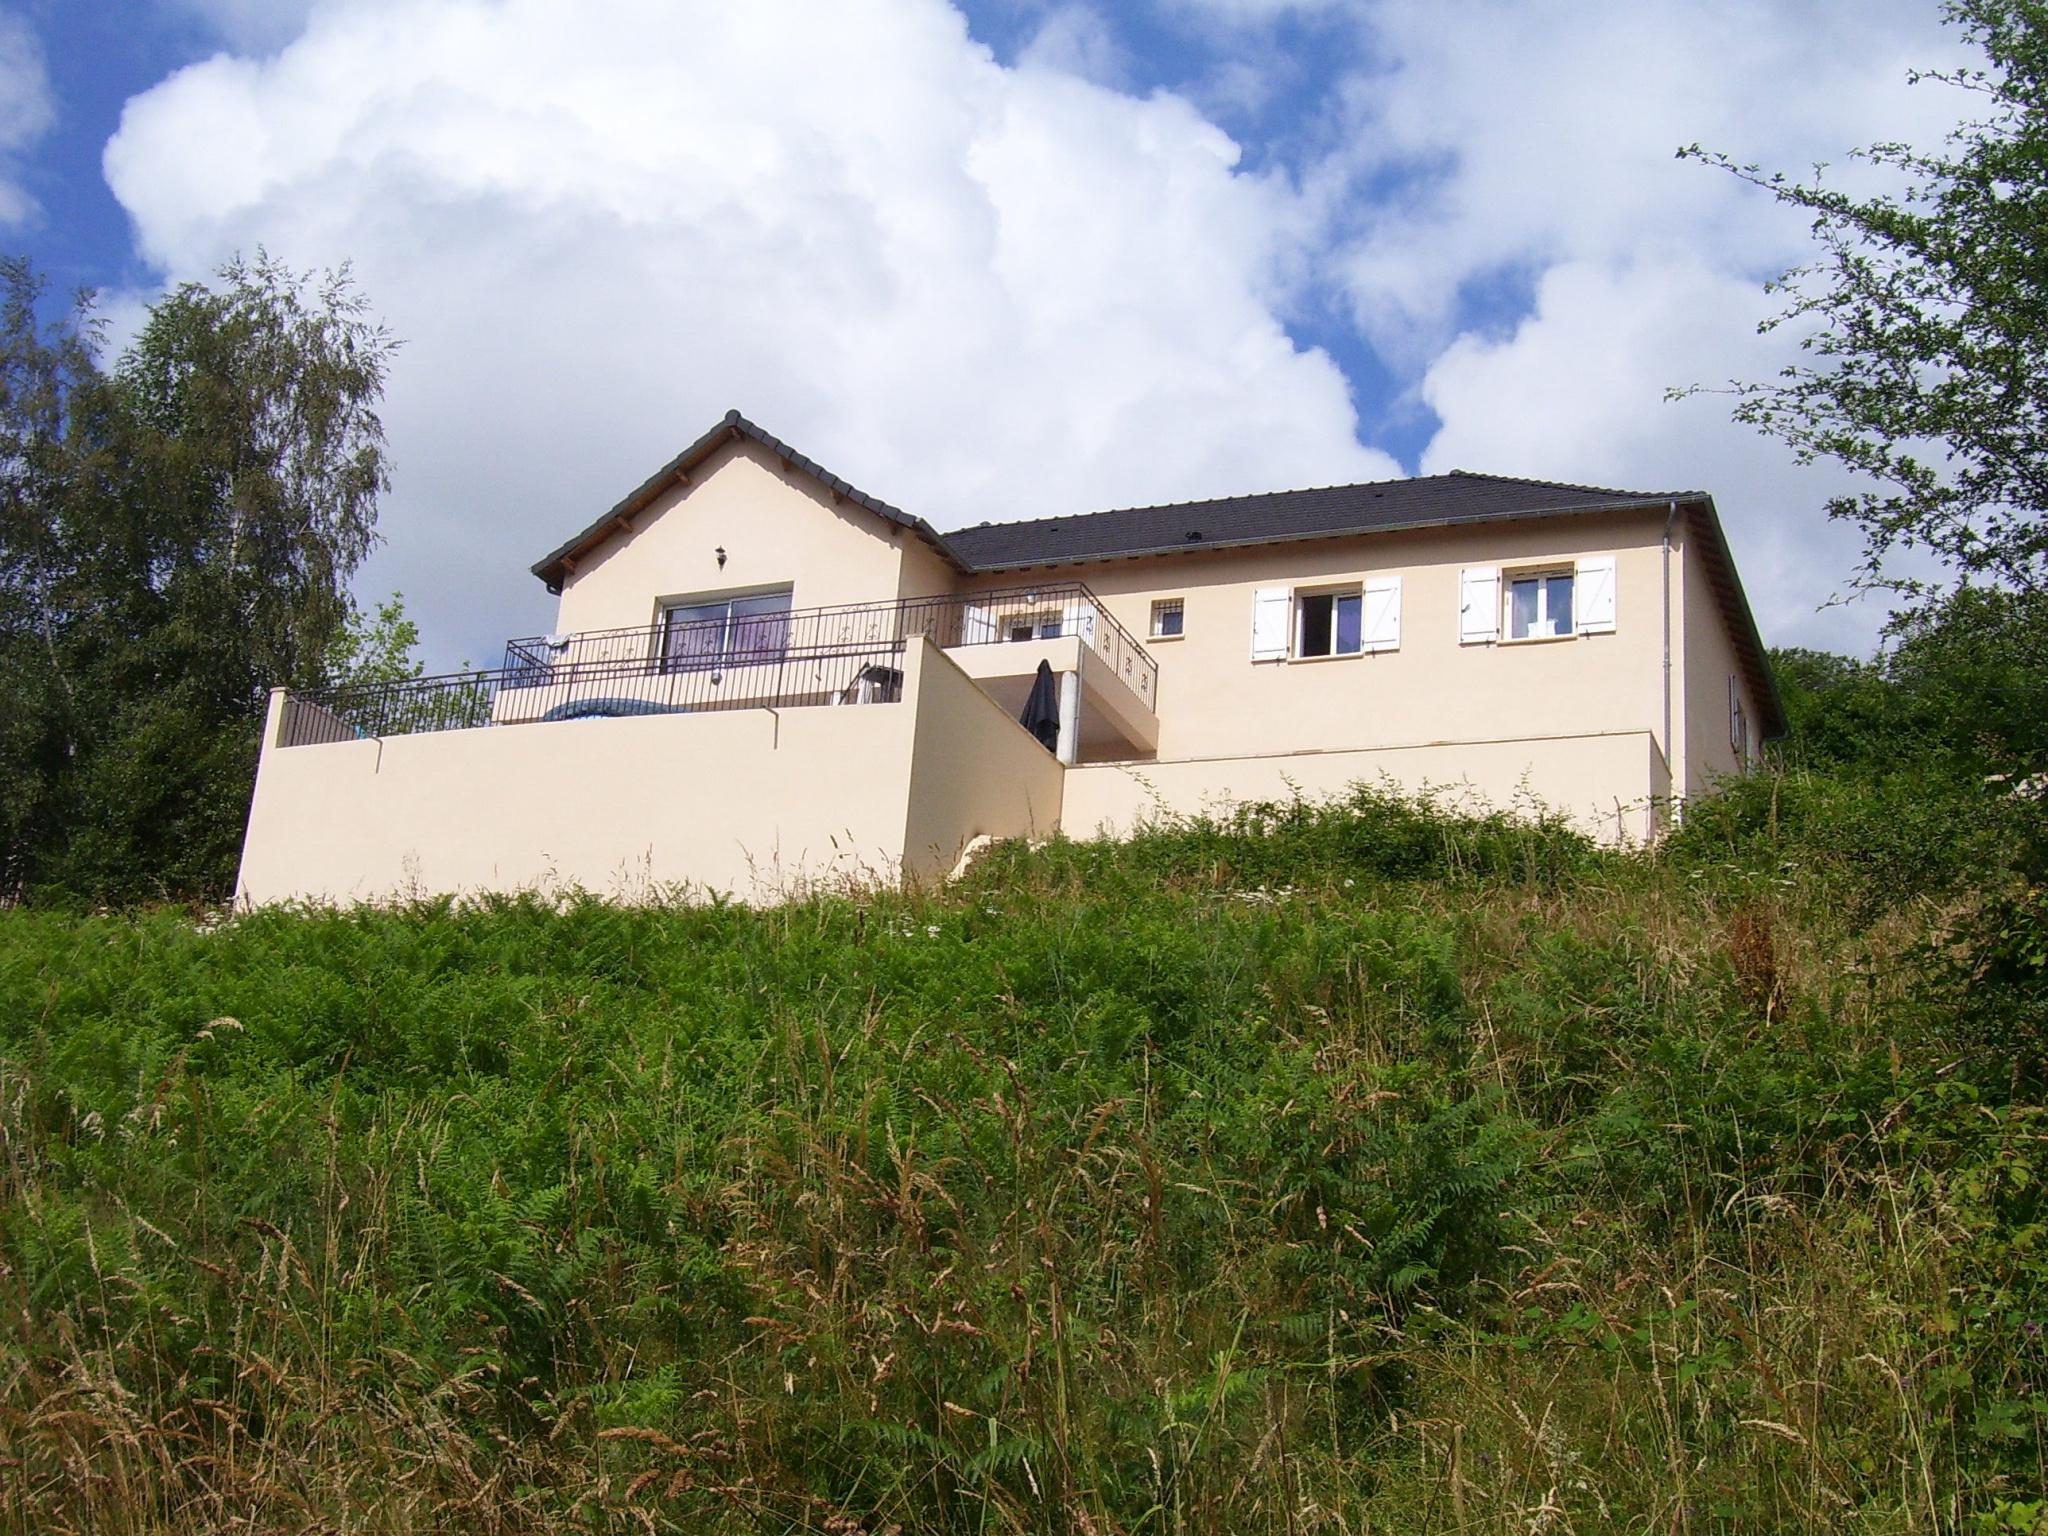 maison villa vente france m tres carr s 345 dans le domaine de malemort sur correze ref v160001599